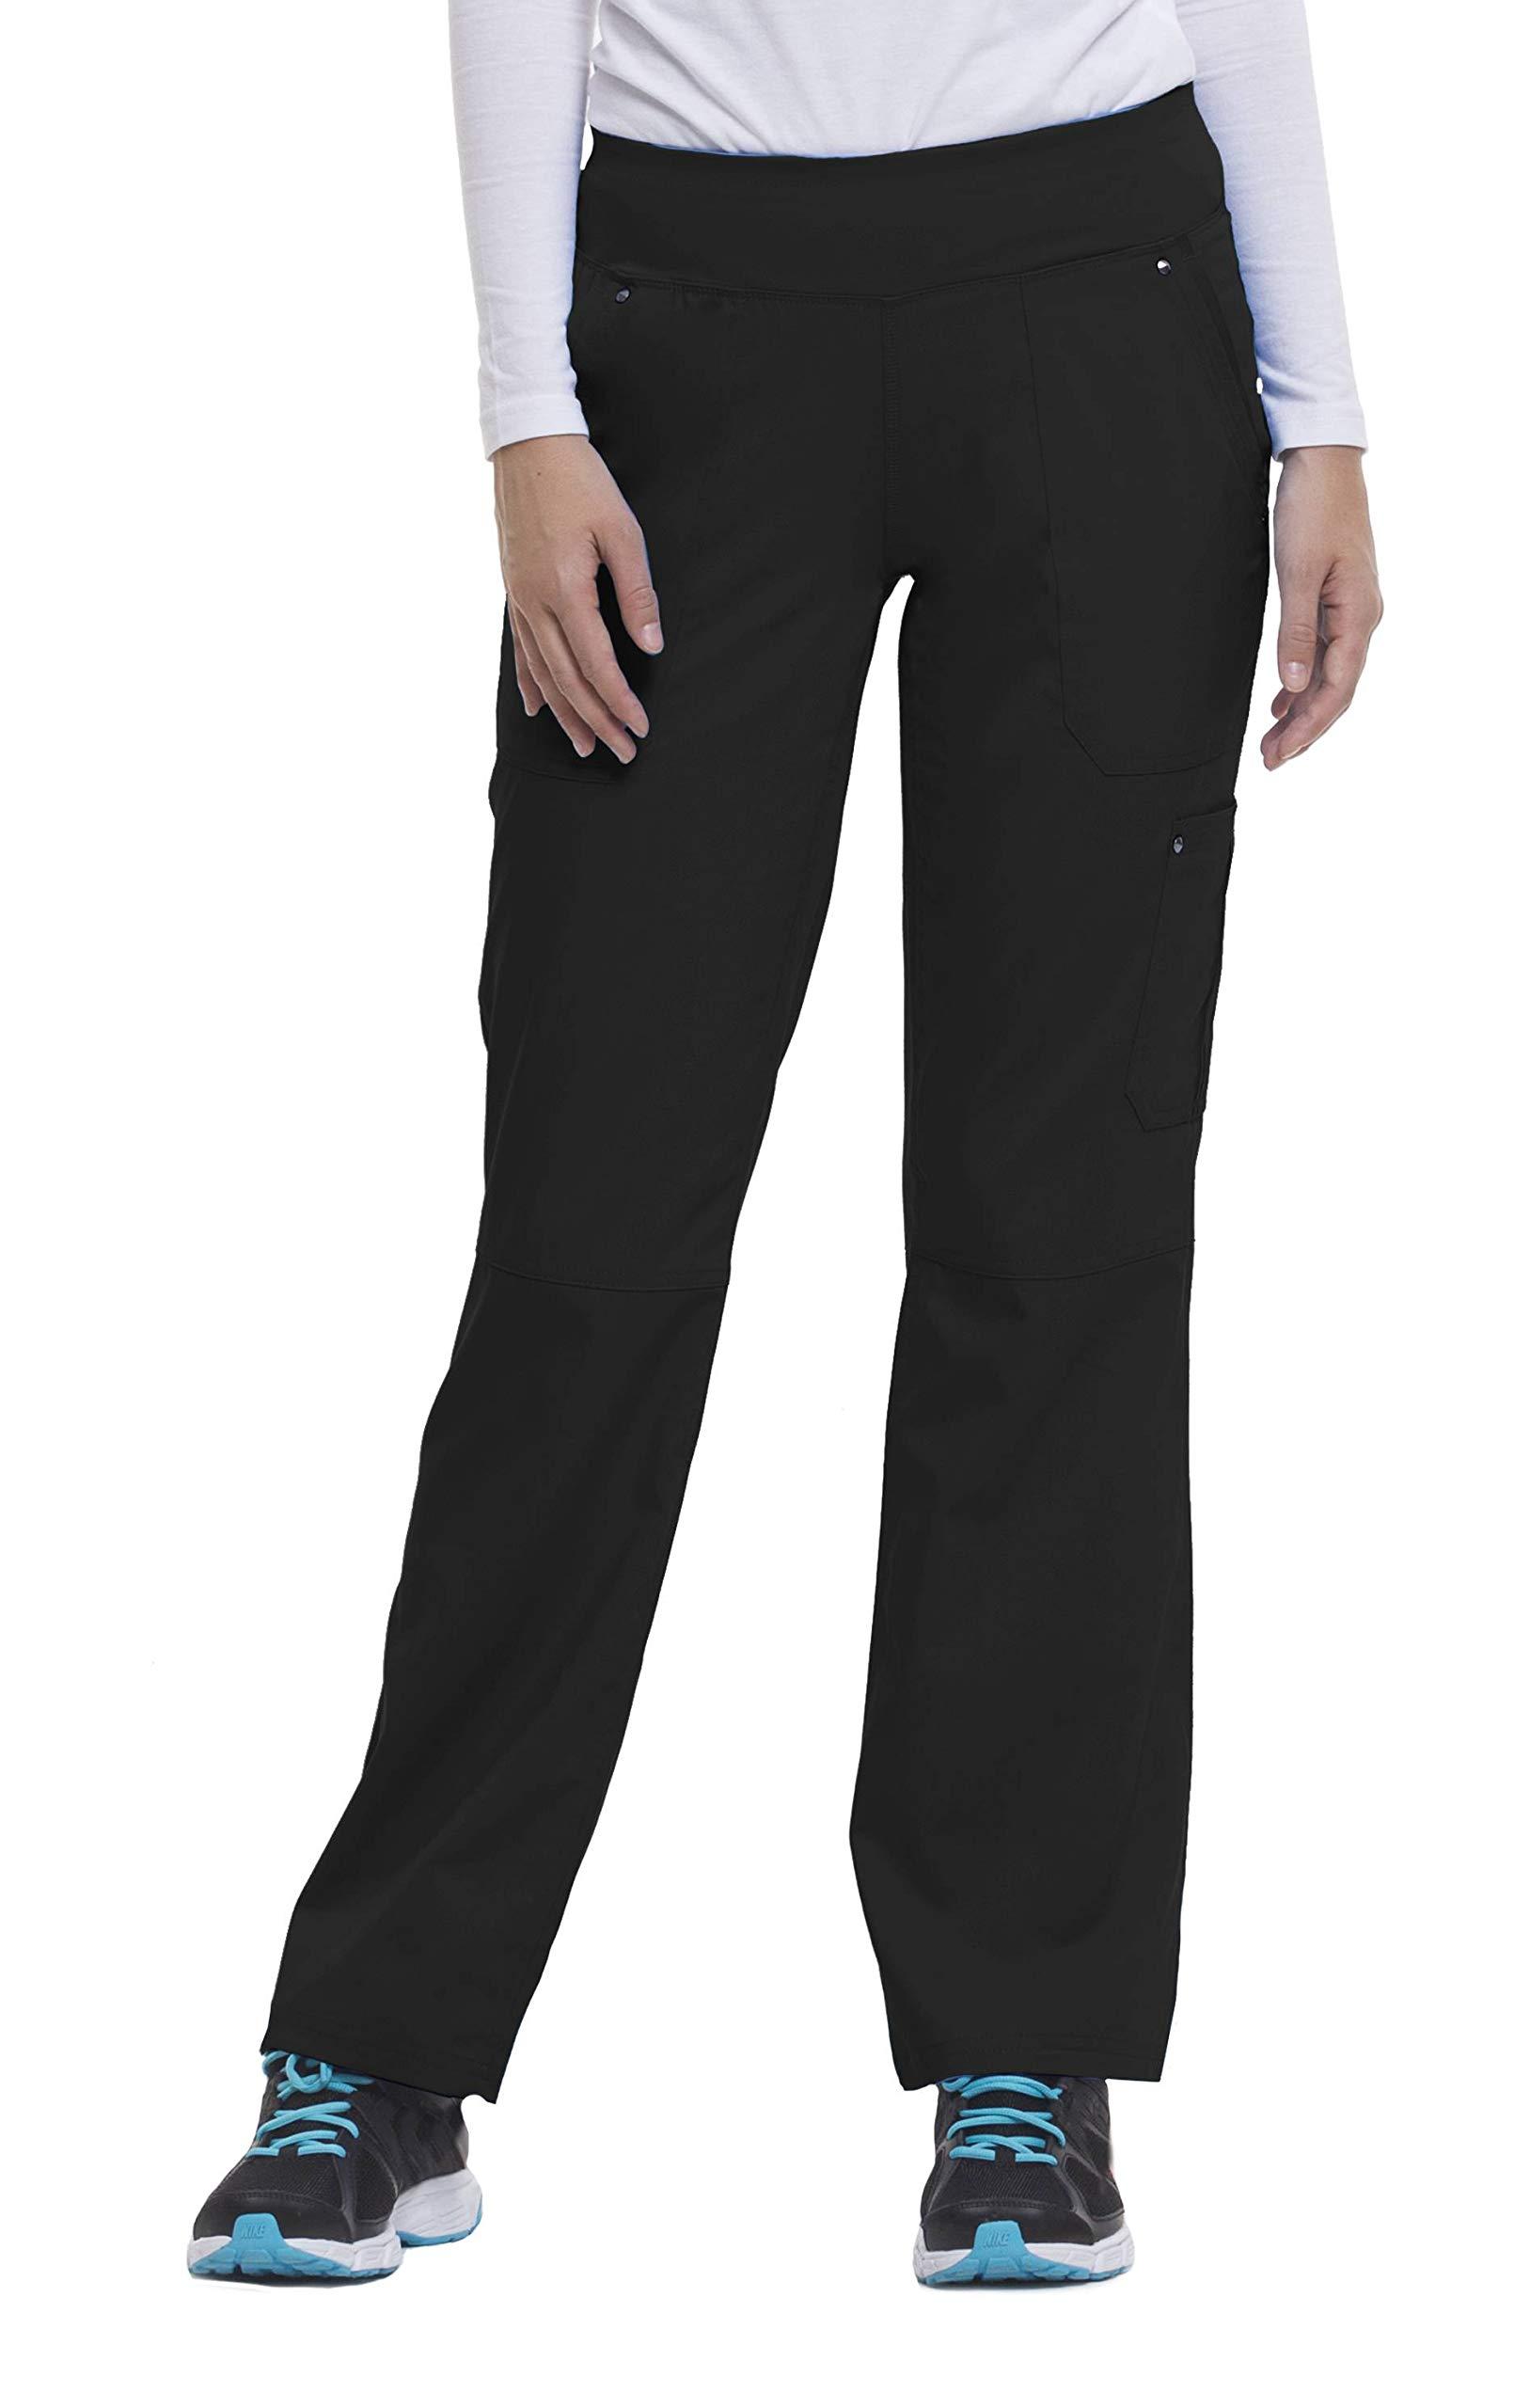 healing hands Purple Label Yoga Women's Tori 9133 5 Pocket Knit Waist Pant Scrubs- Black- Medium by healing hands